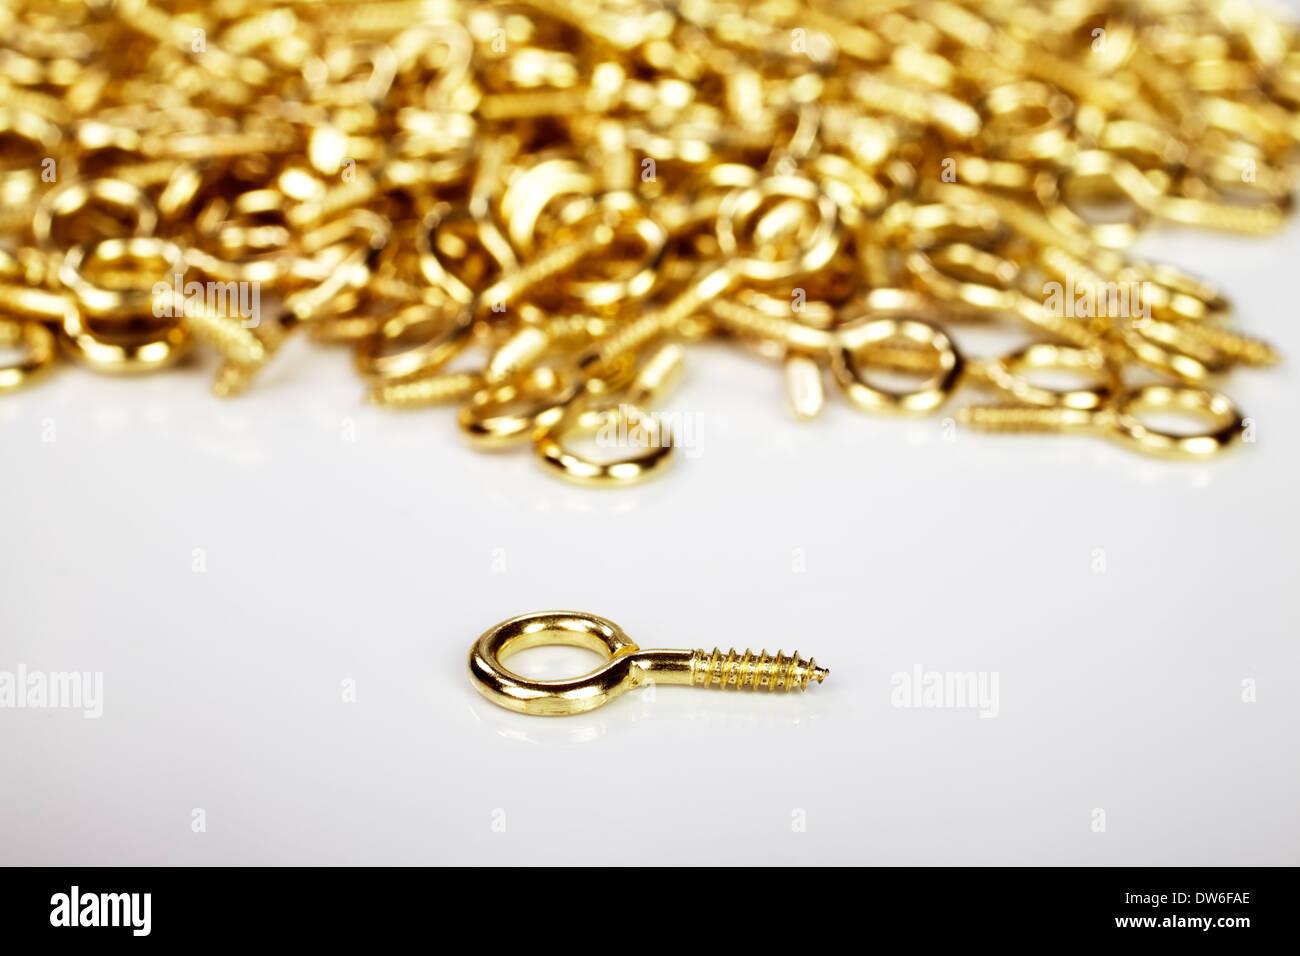 Goldenen Haken verwendet durch Verfasser, ein Seil auf dem Rücken ...